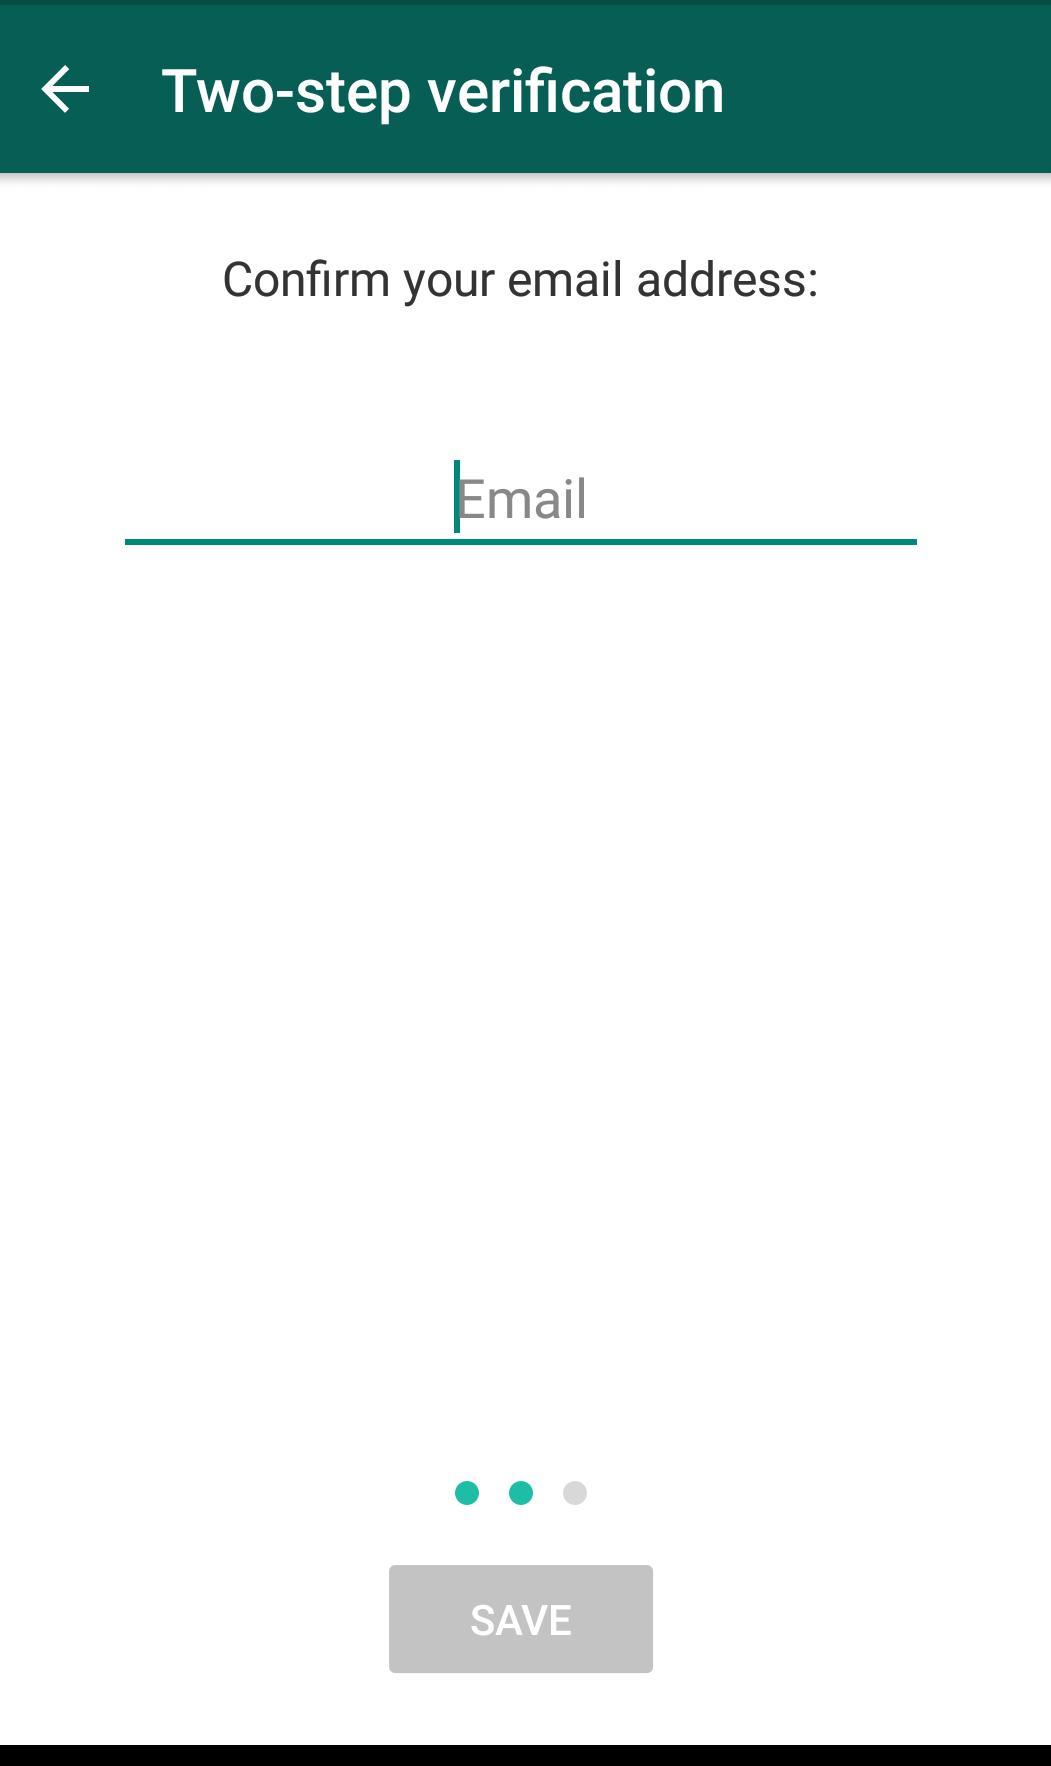 Confirm e-mail address